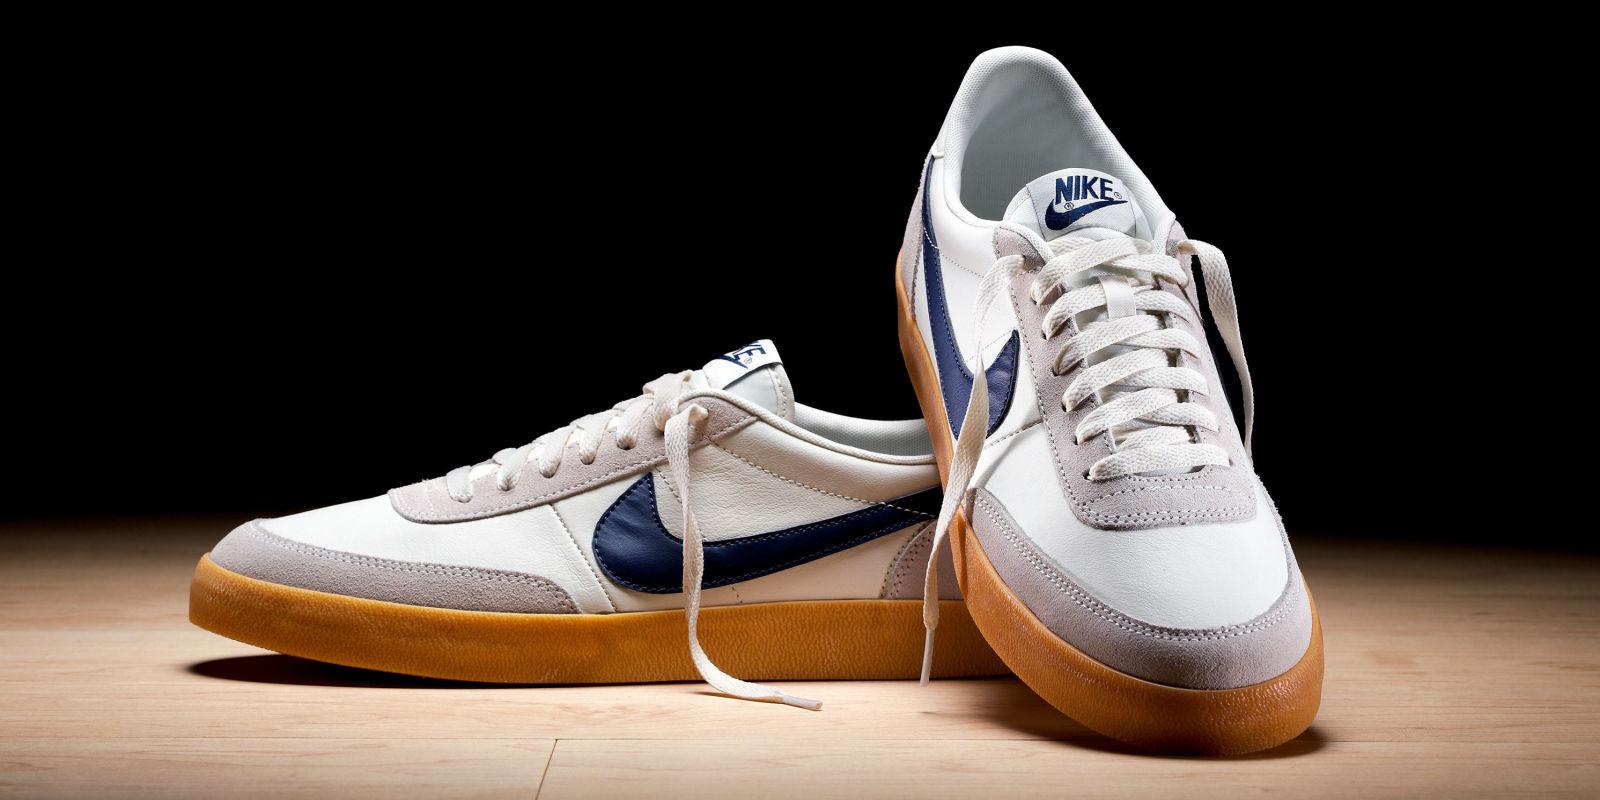 Killshot - mẫu sneaker cổ điển trứ danh của Nike chuẩn bị tái xuất giang hồ tháng 3 này - Ảnh 5.